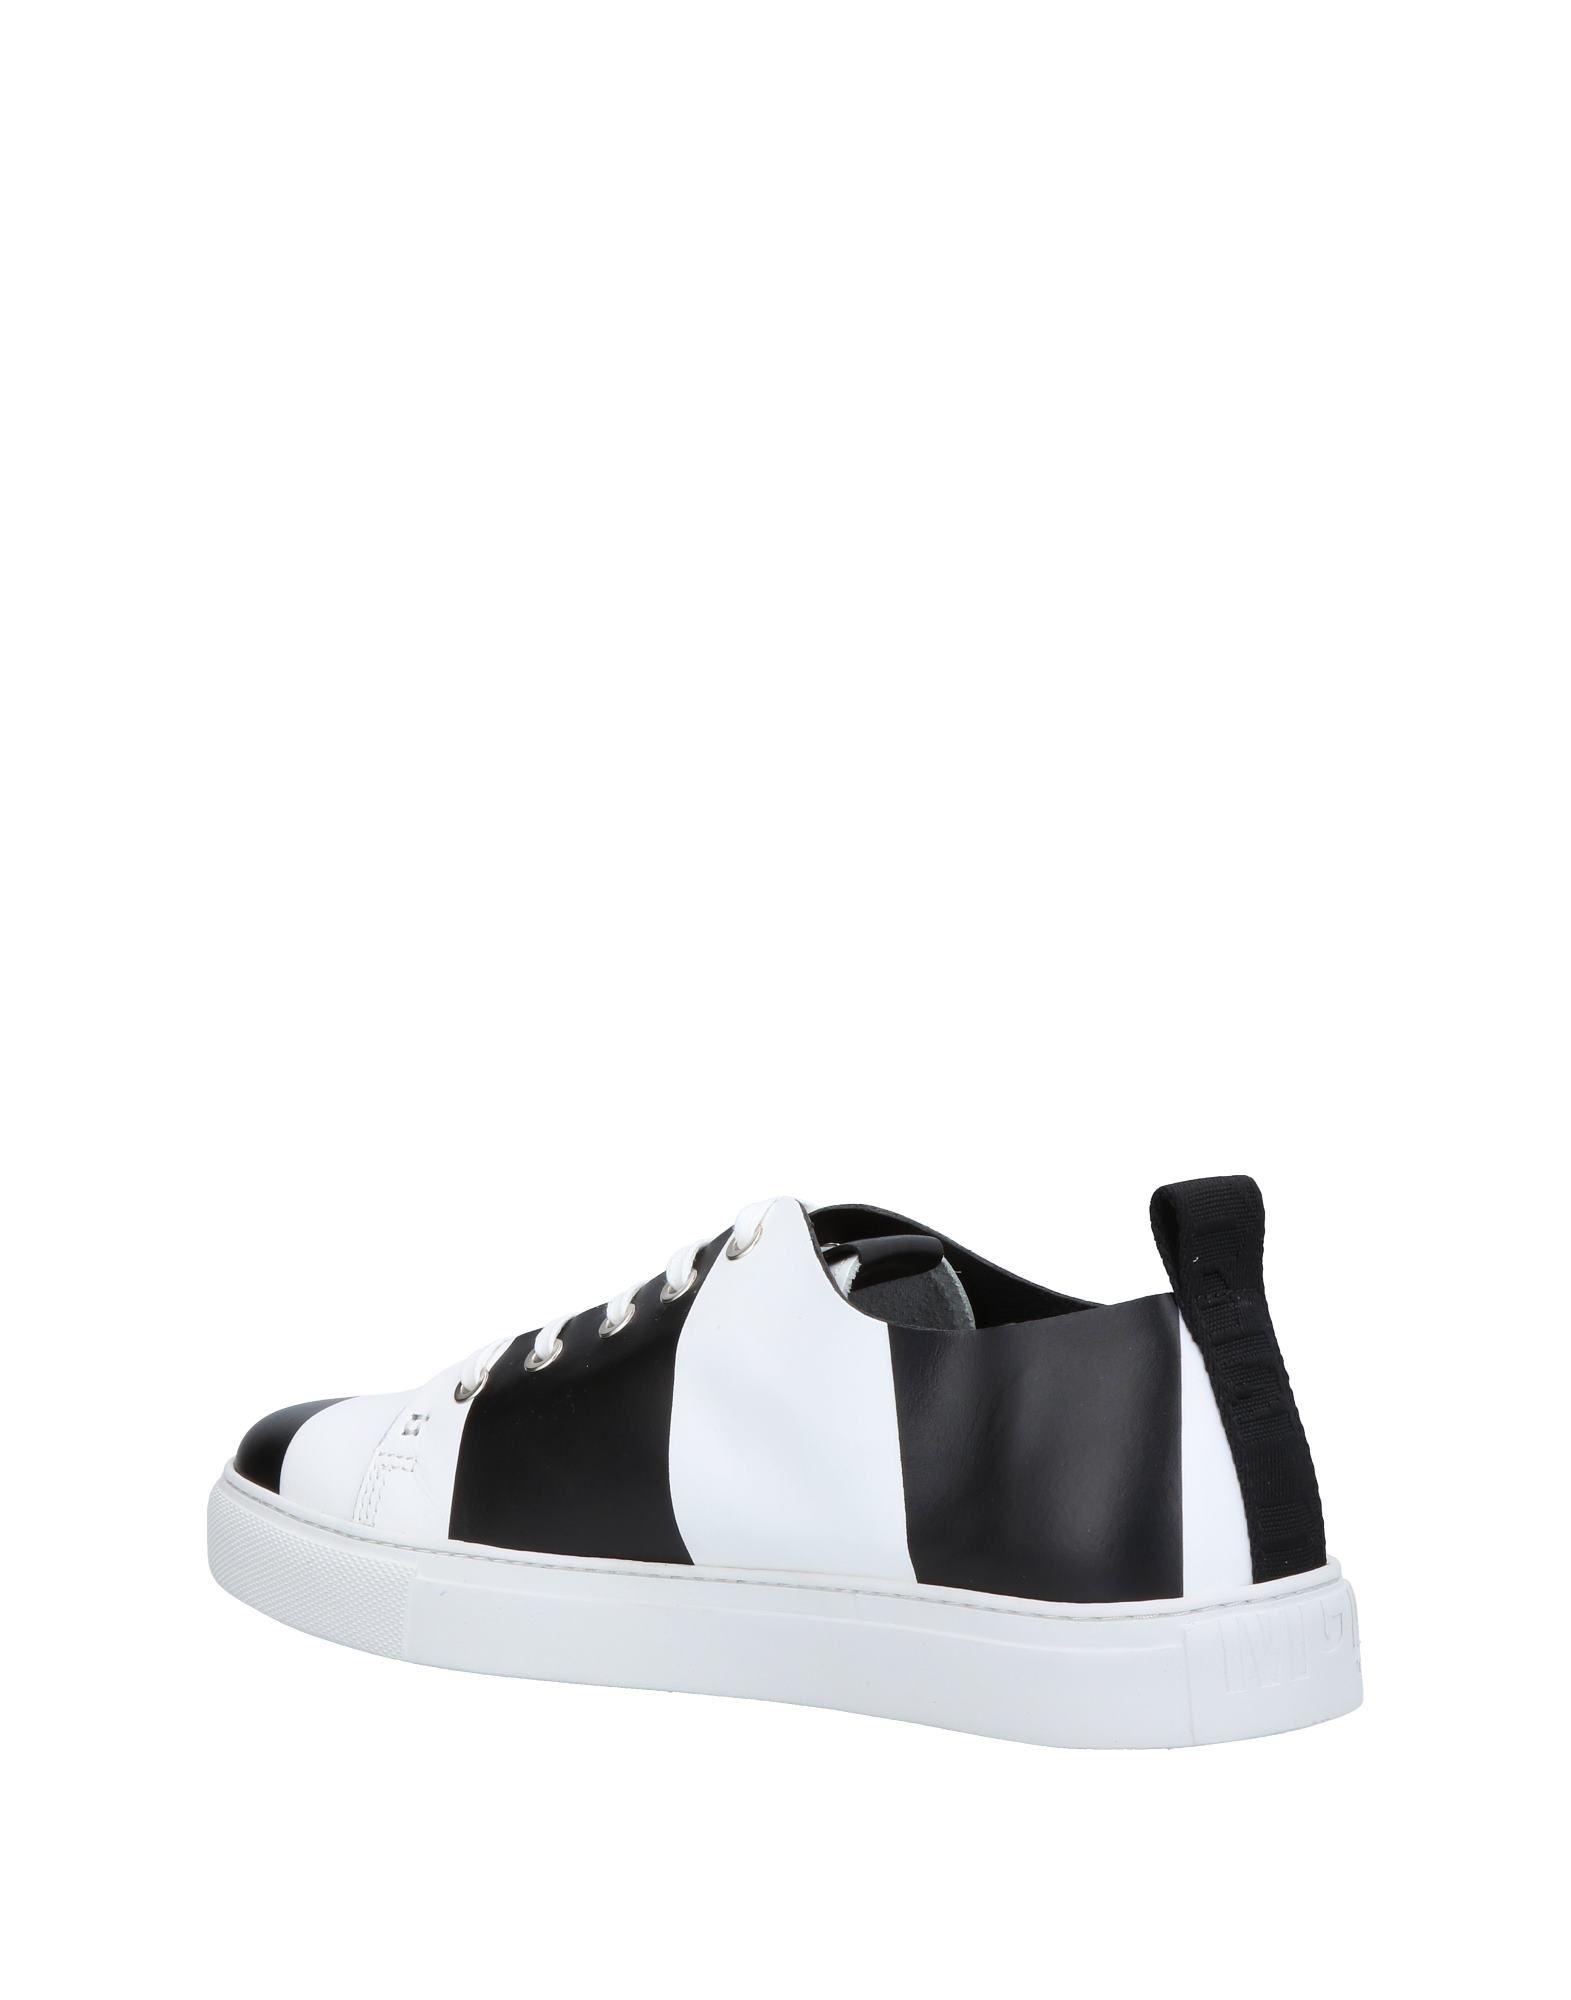 Mcq Mcqueen Alexander Mcqueen Mcq Sneakers Herren  11407784LX Neue Schuhe 9589c5